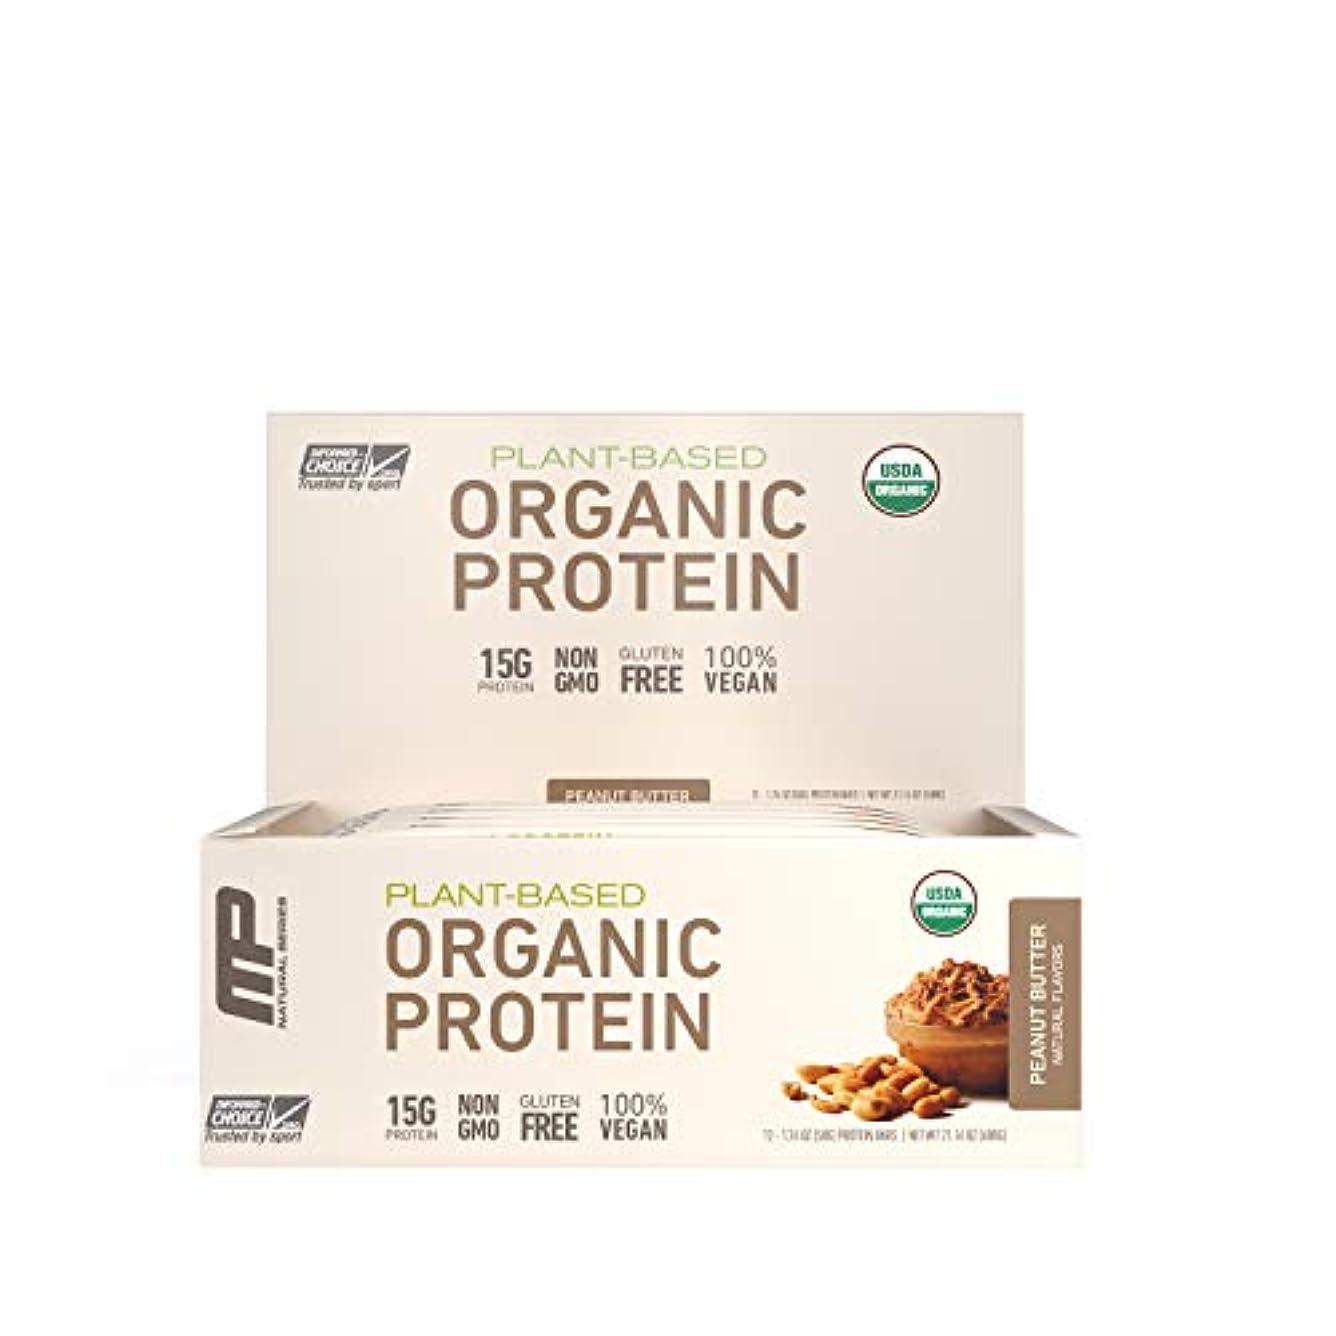 排泄物アミューズ説明MusclePharm Natural オーガニック?プロテインバー(ピーナッツバター味12本) (600 g) 海外直送品